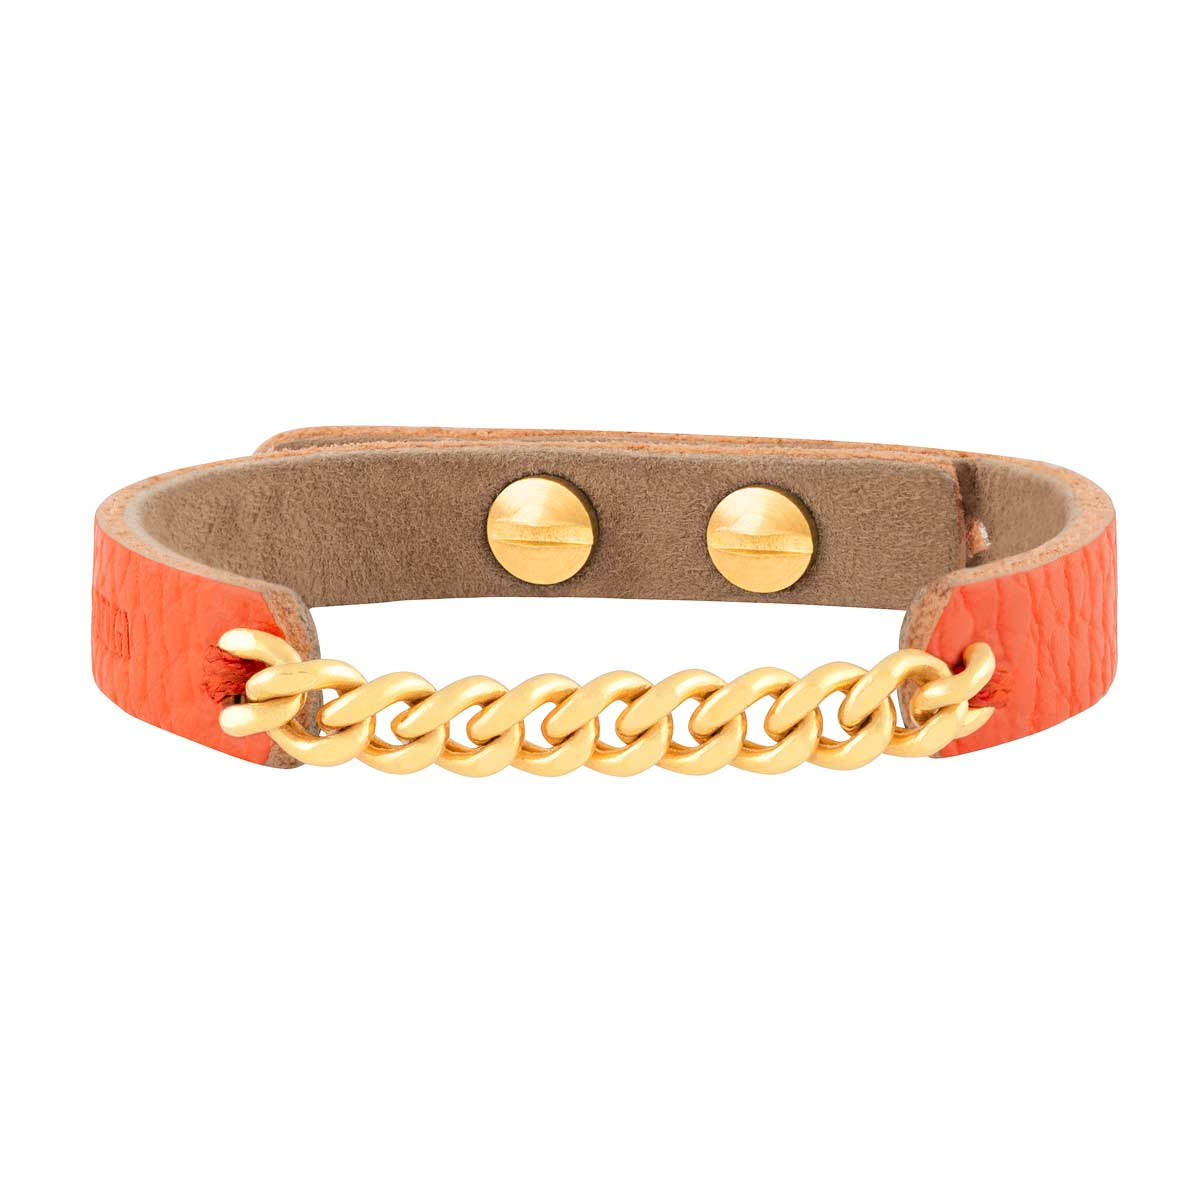 دستبند طلا چرمی یازده حلقه کارتیه